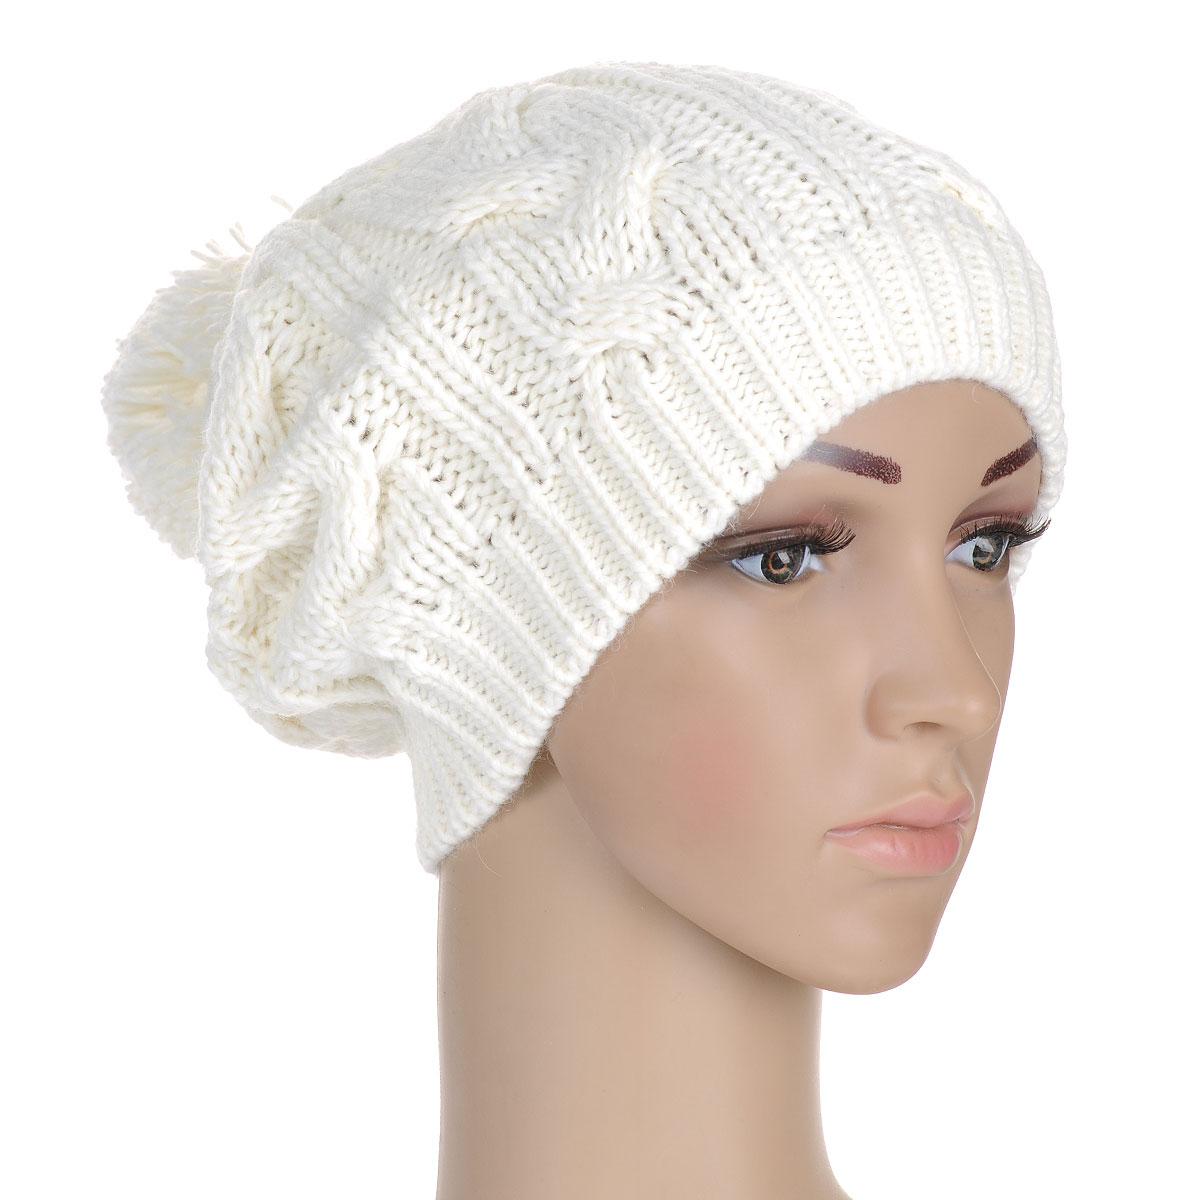 Шапка7112S_11 GMСтильная женская шапка Flioraj - теплая удлиненная модель для холодной погоды. Сочетание различных материалов обеспечивает сохранение тепла и удобную посадку. Модель отлично тянется. Шапка оформлена крупной фигурной вязкой и декорирована внушительным помпоном. Низ шапки связан резинкой, что обеспечивает эластичность и удобную посадку. Flioraj - комфортная защита от холода.